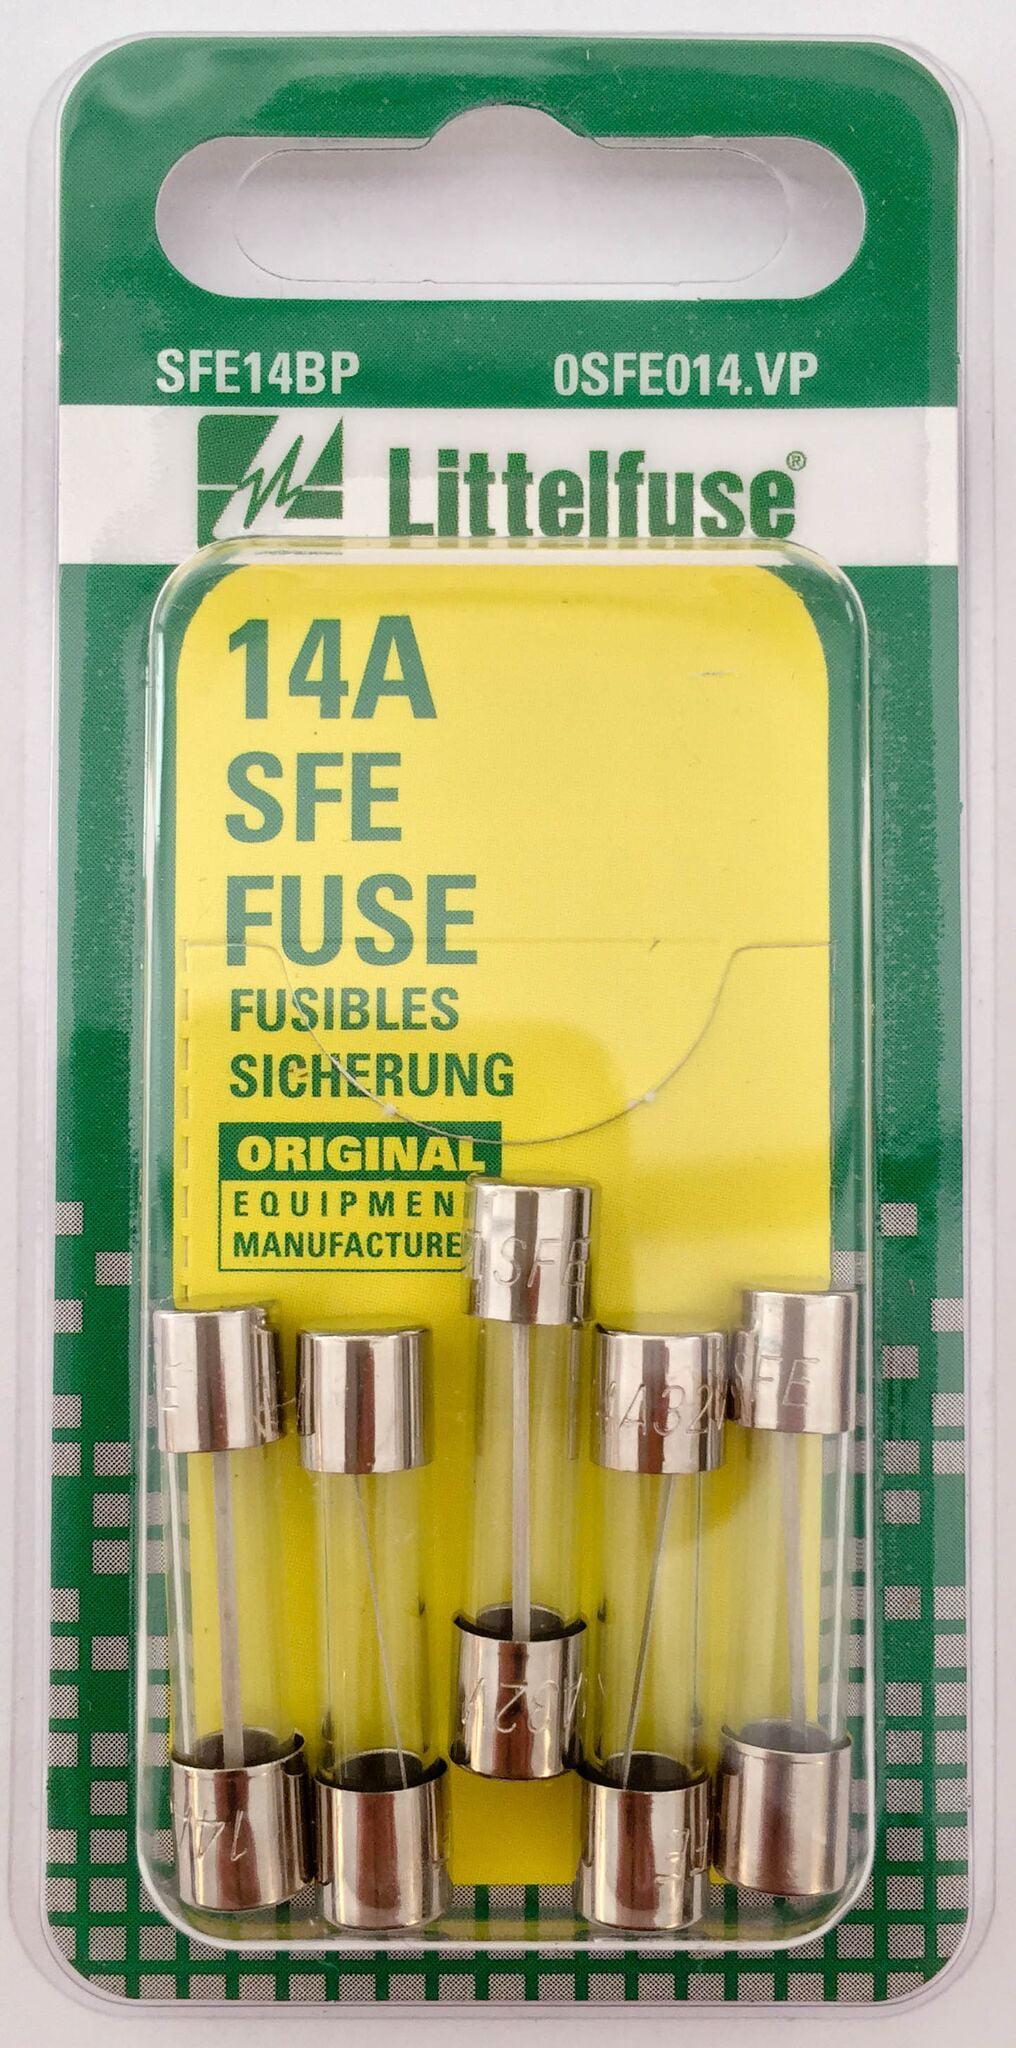 Fuse Littelfuse SFE14